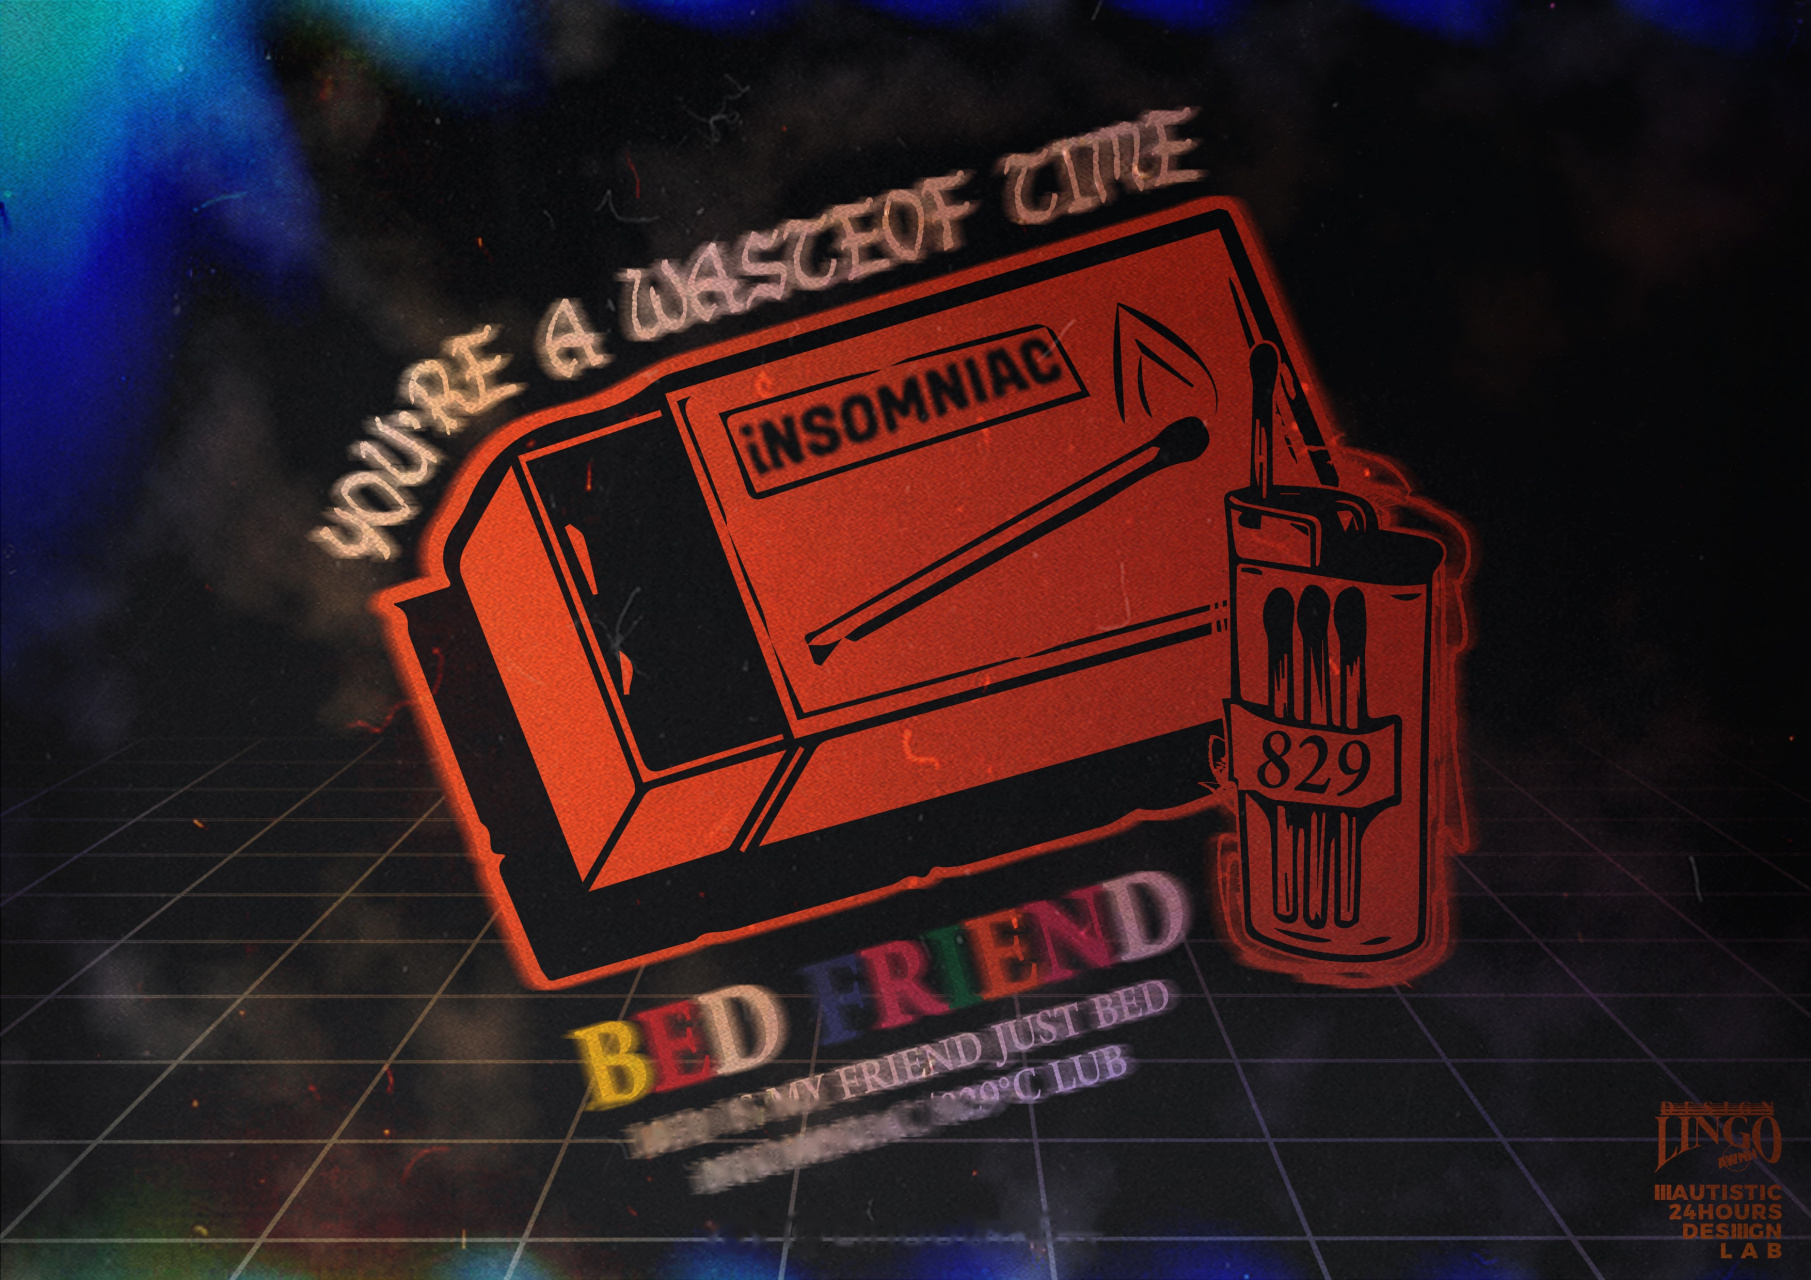 深夜設計稿, iNSOMNIAC&829°CLUB, BED FRIEND。